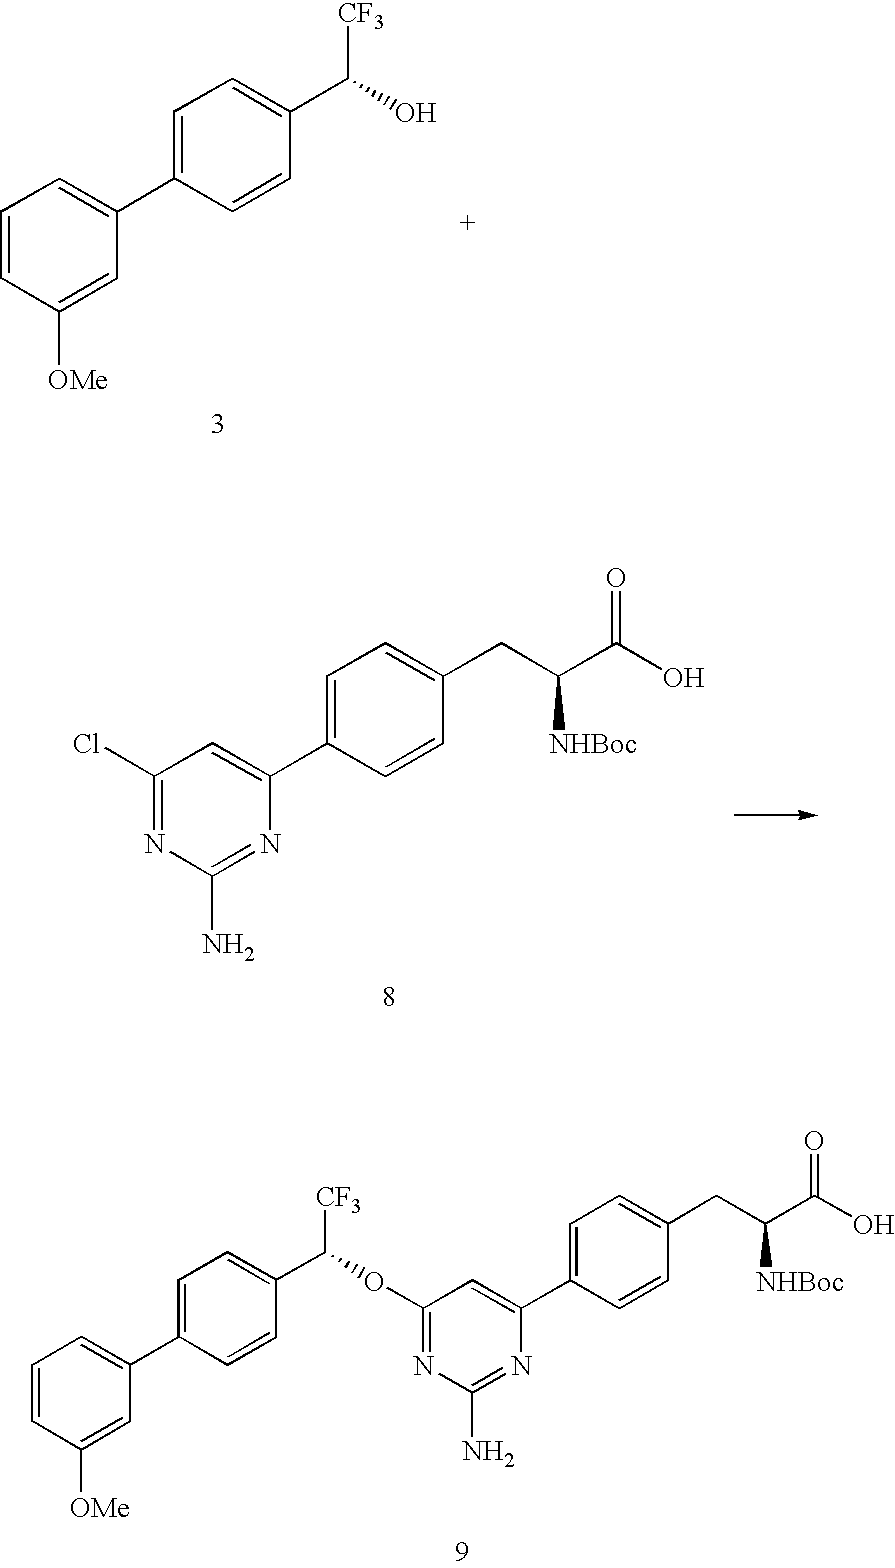 Figure US20090099206A1-20090416-C00013